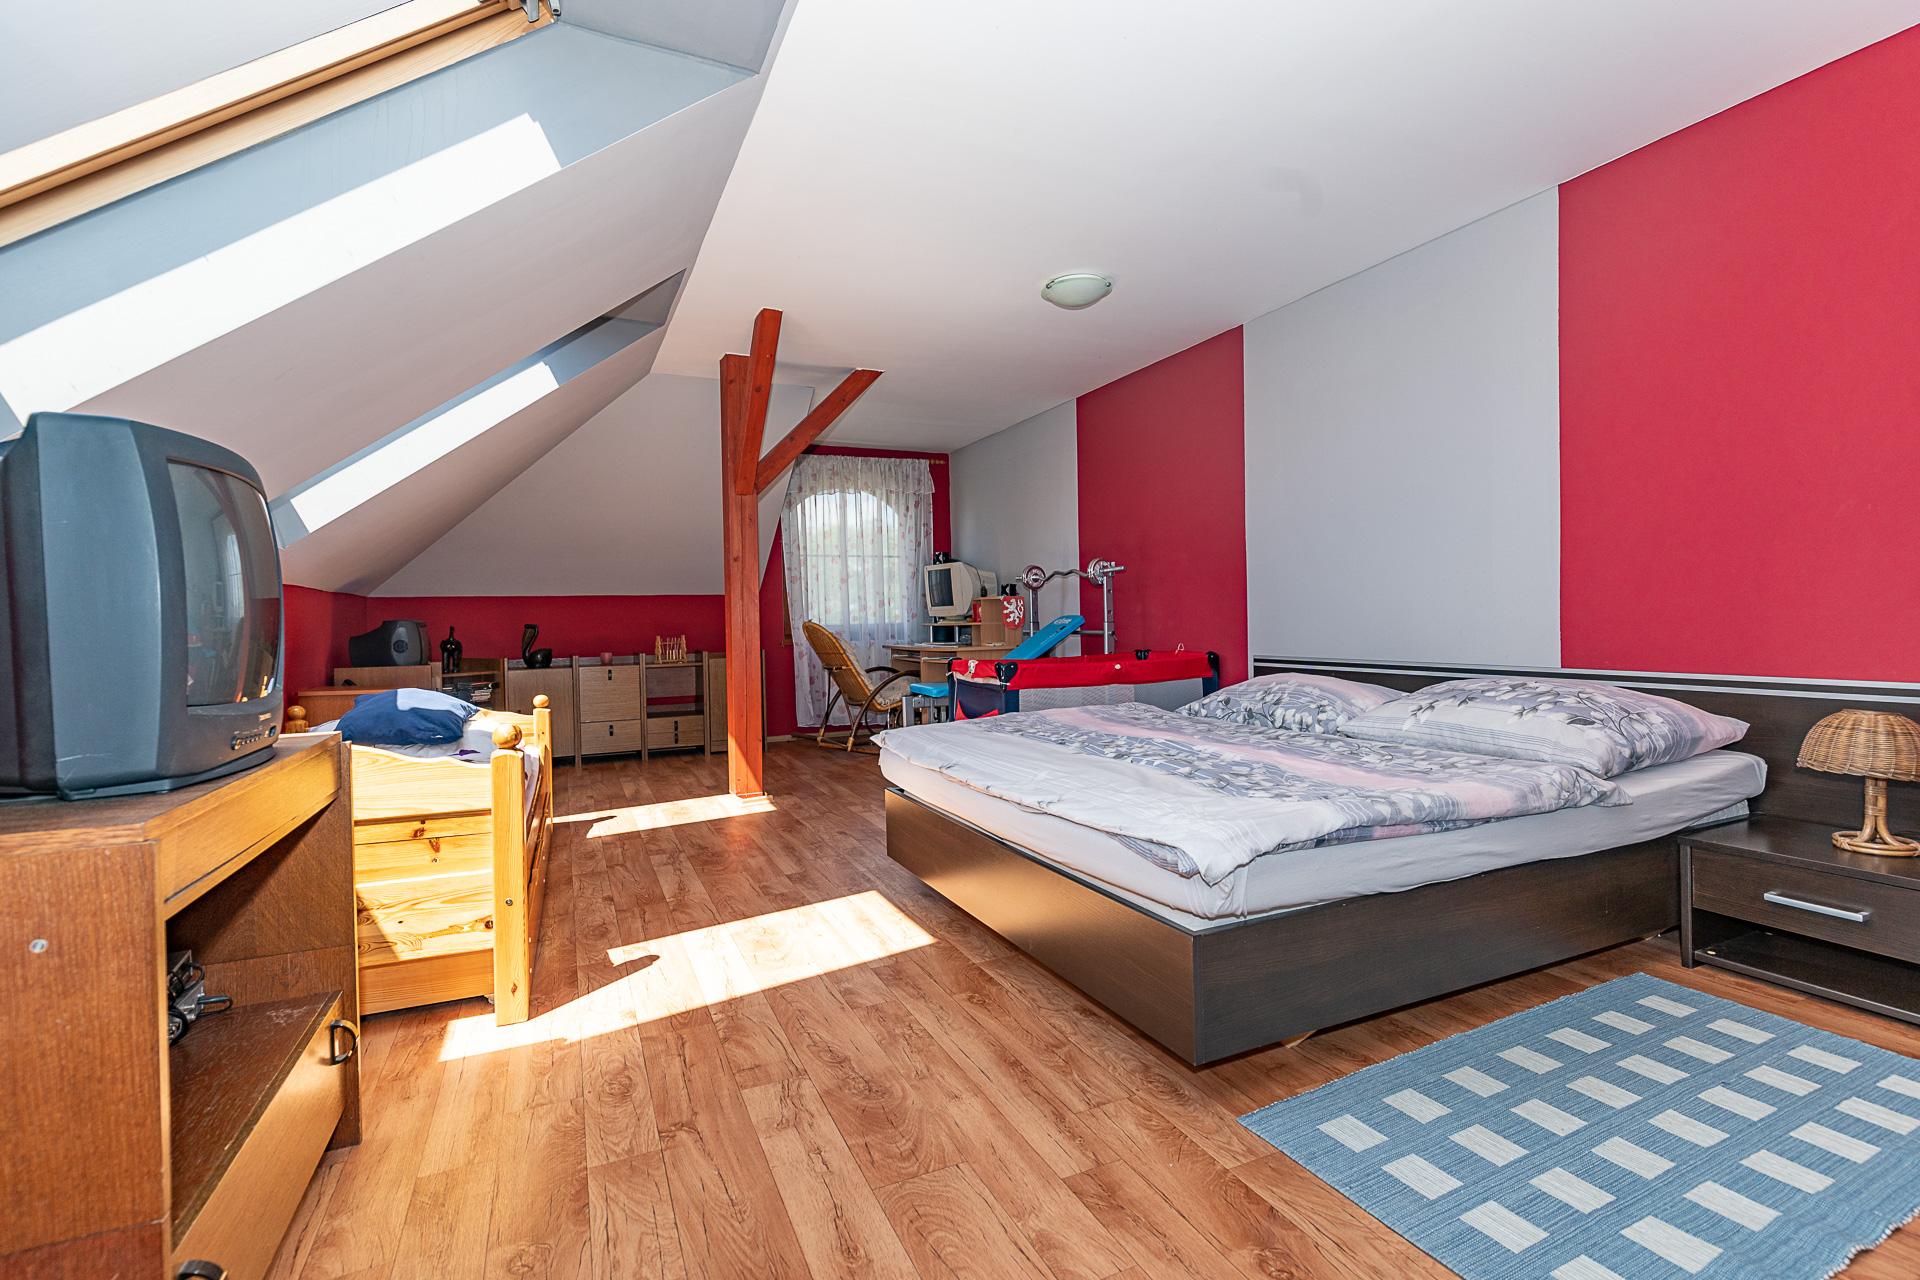 ložnice s postelí, TV, modrým kobercem, pracovním stolem a střešním oknem